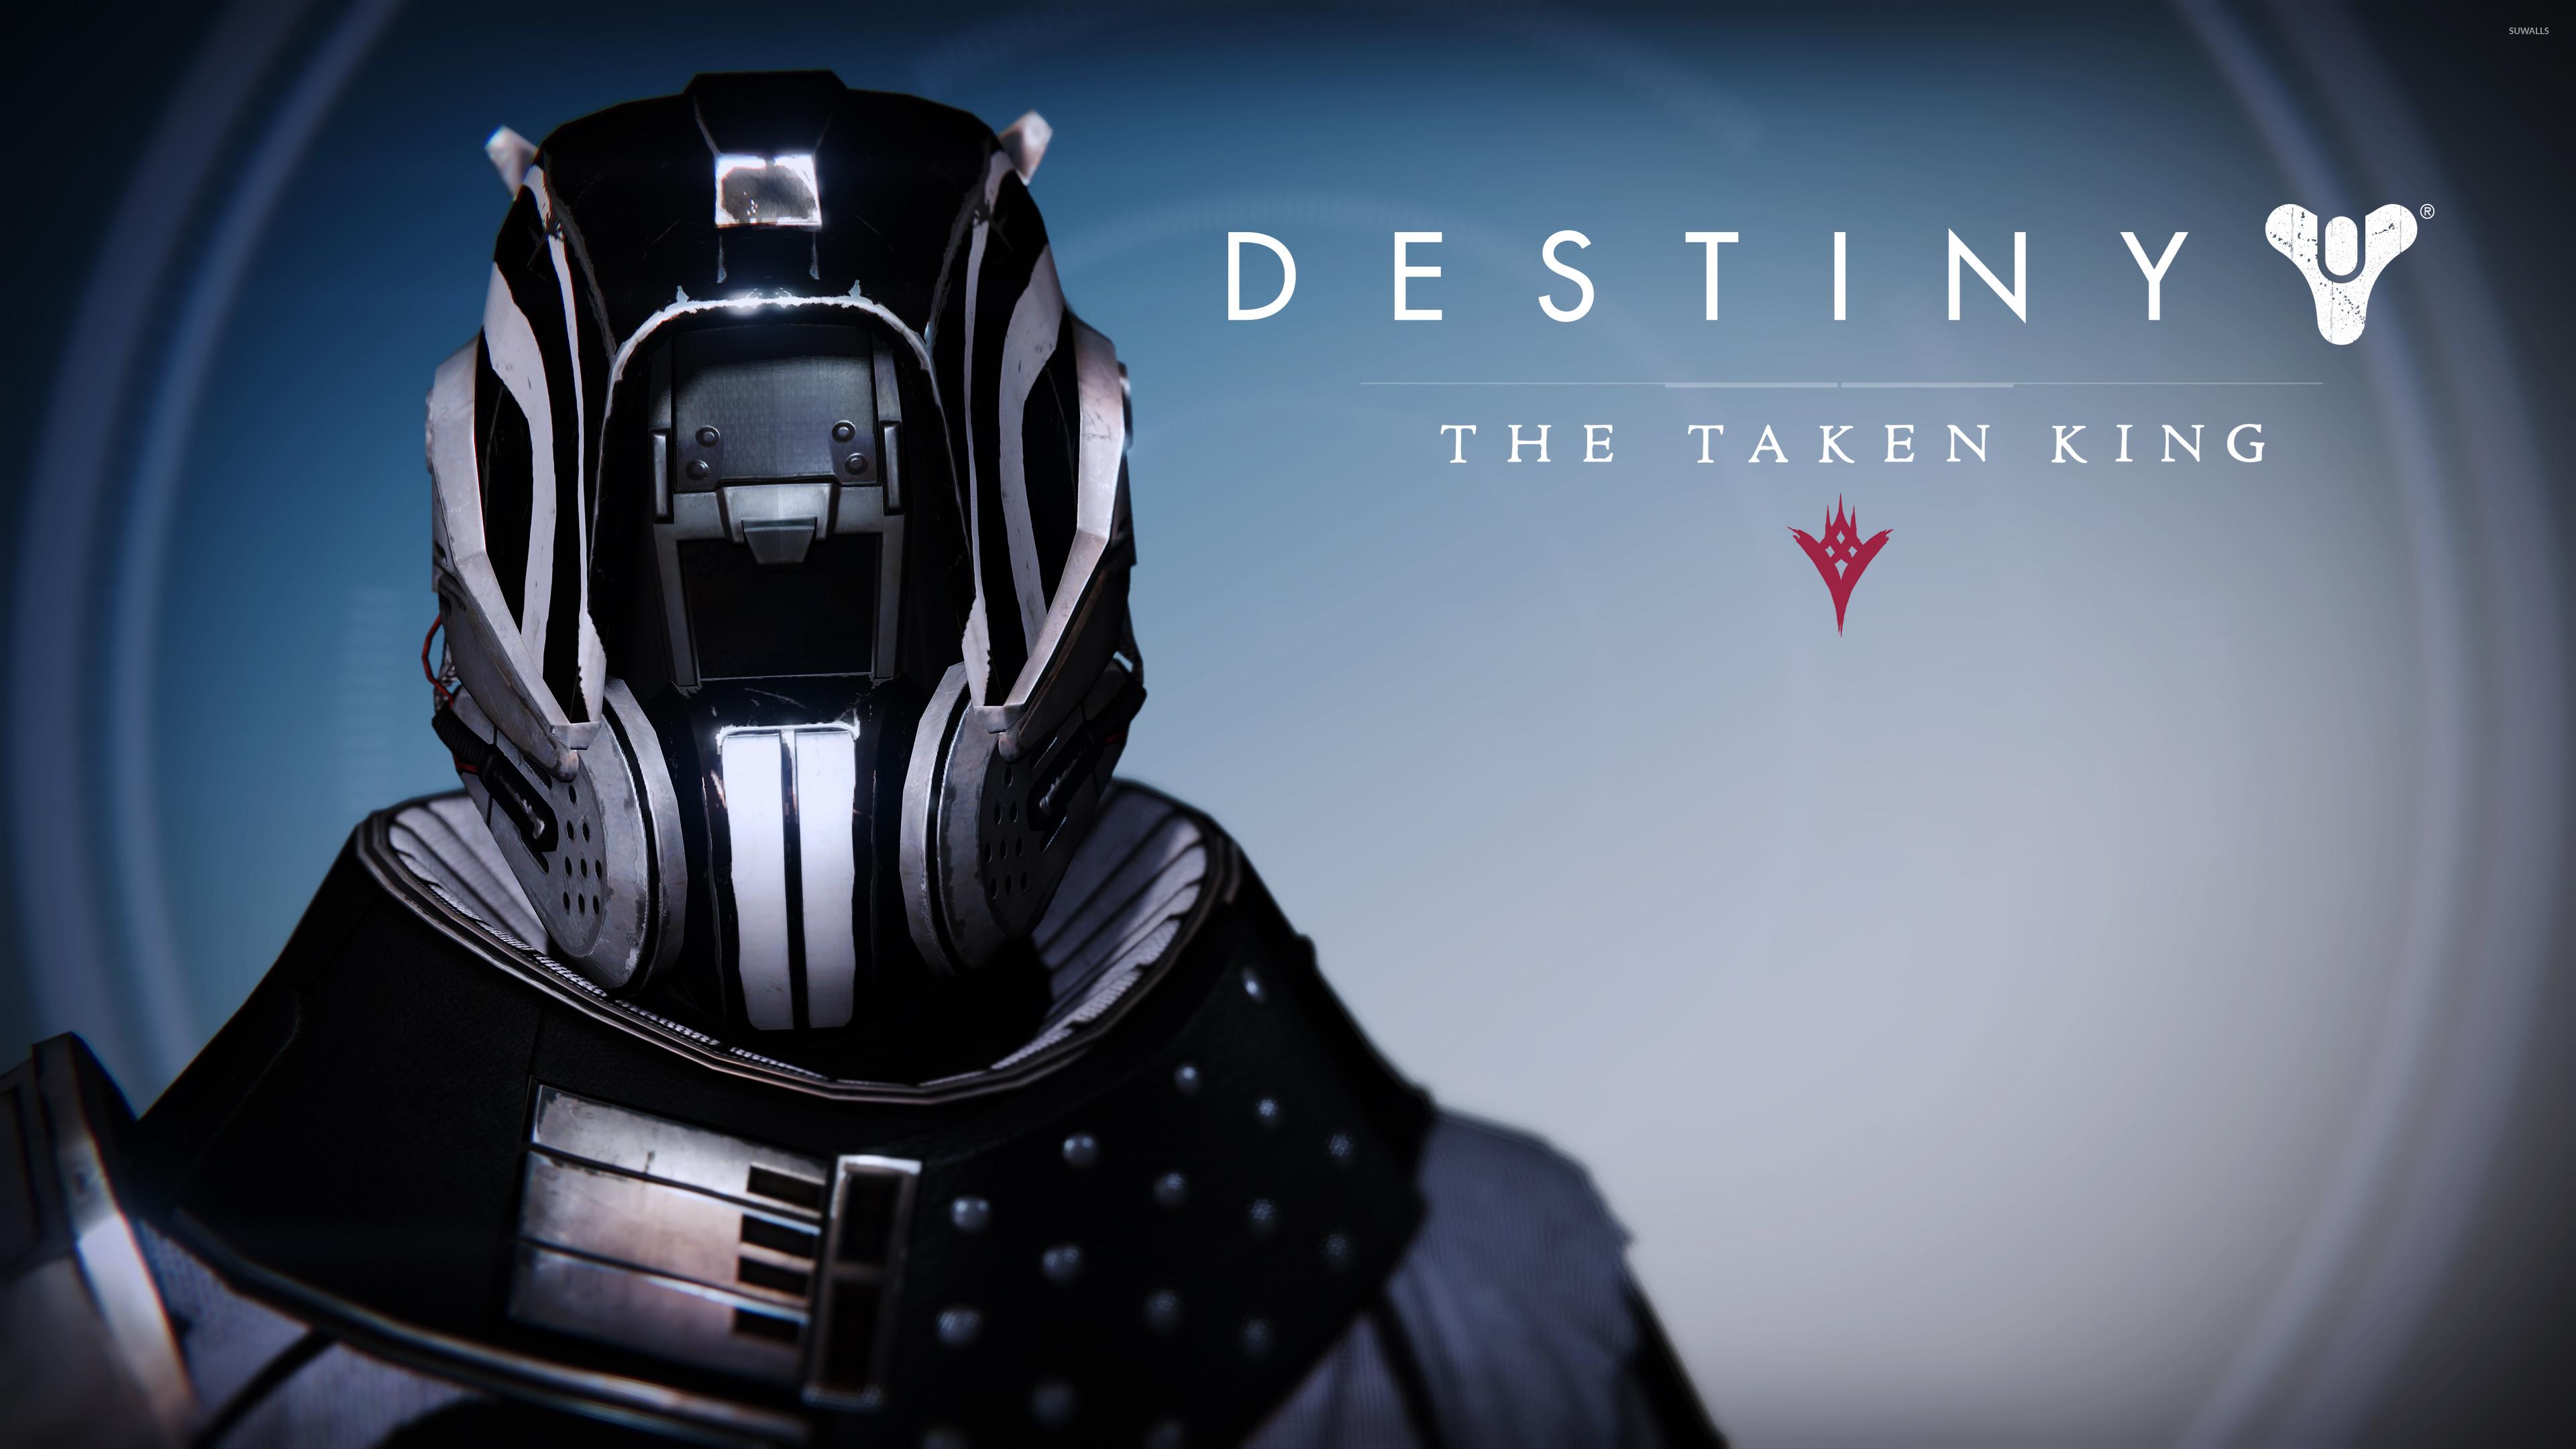 Dead Orbit Warlock male helmet   Destiny The Taken King wallpaper 3840x2160